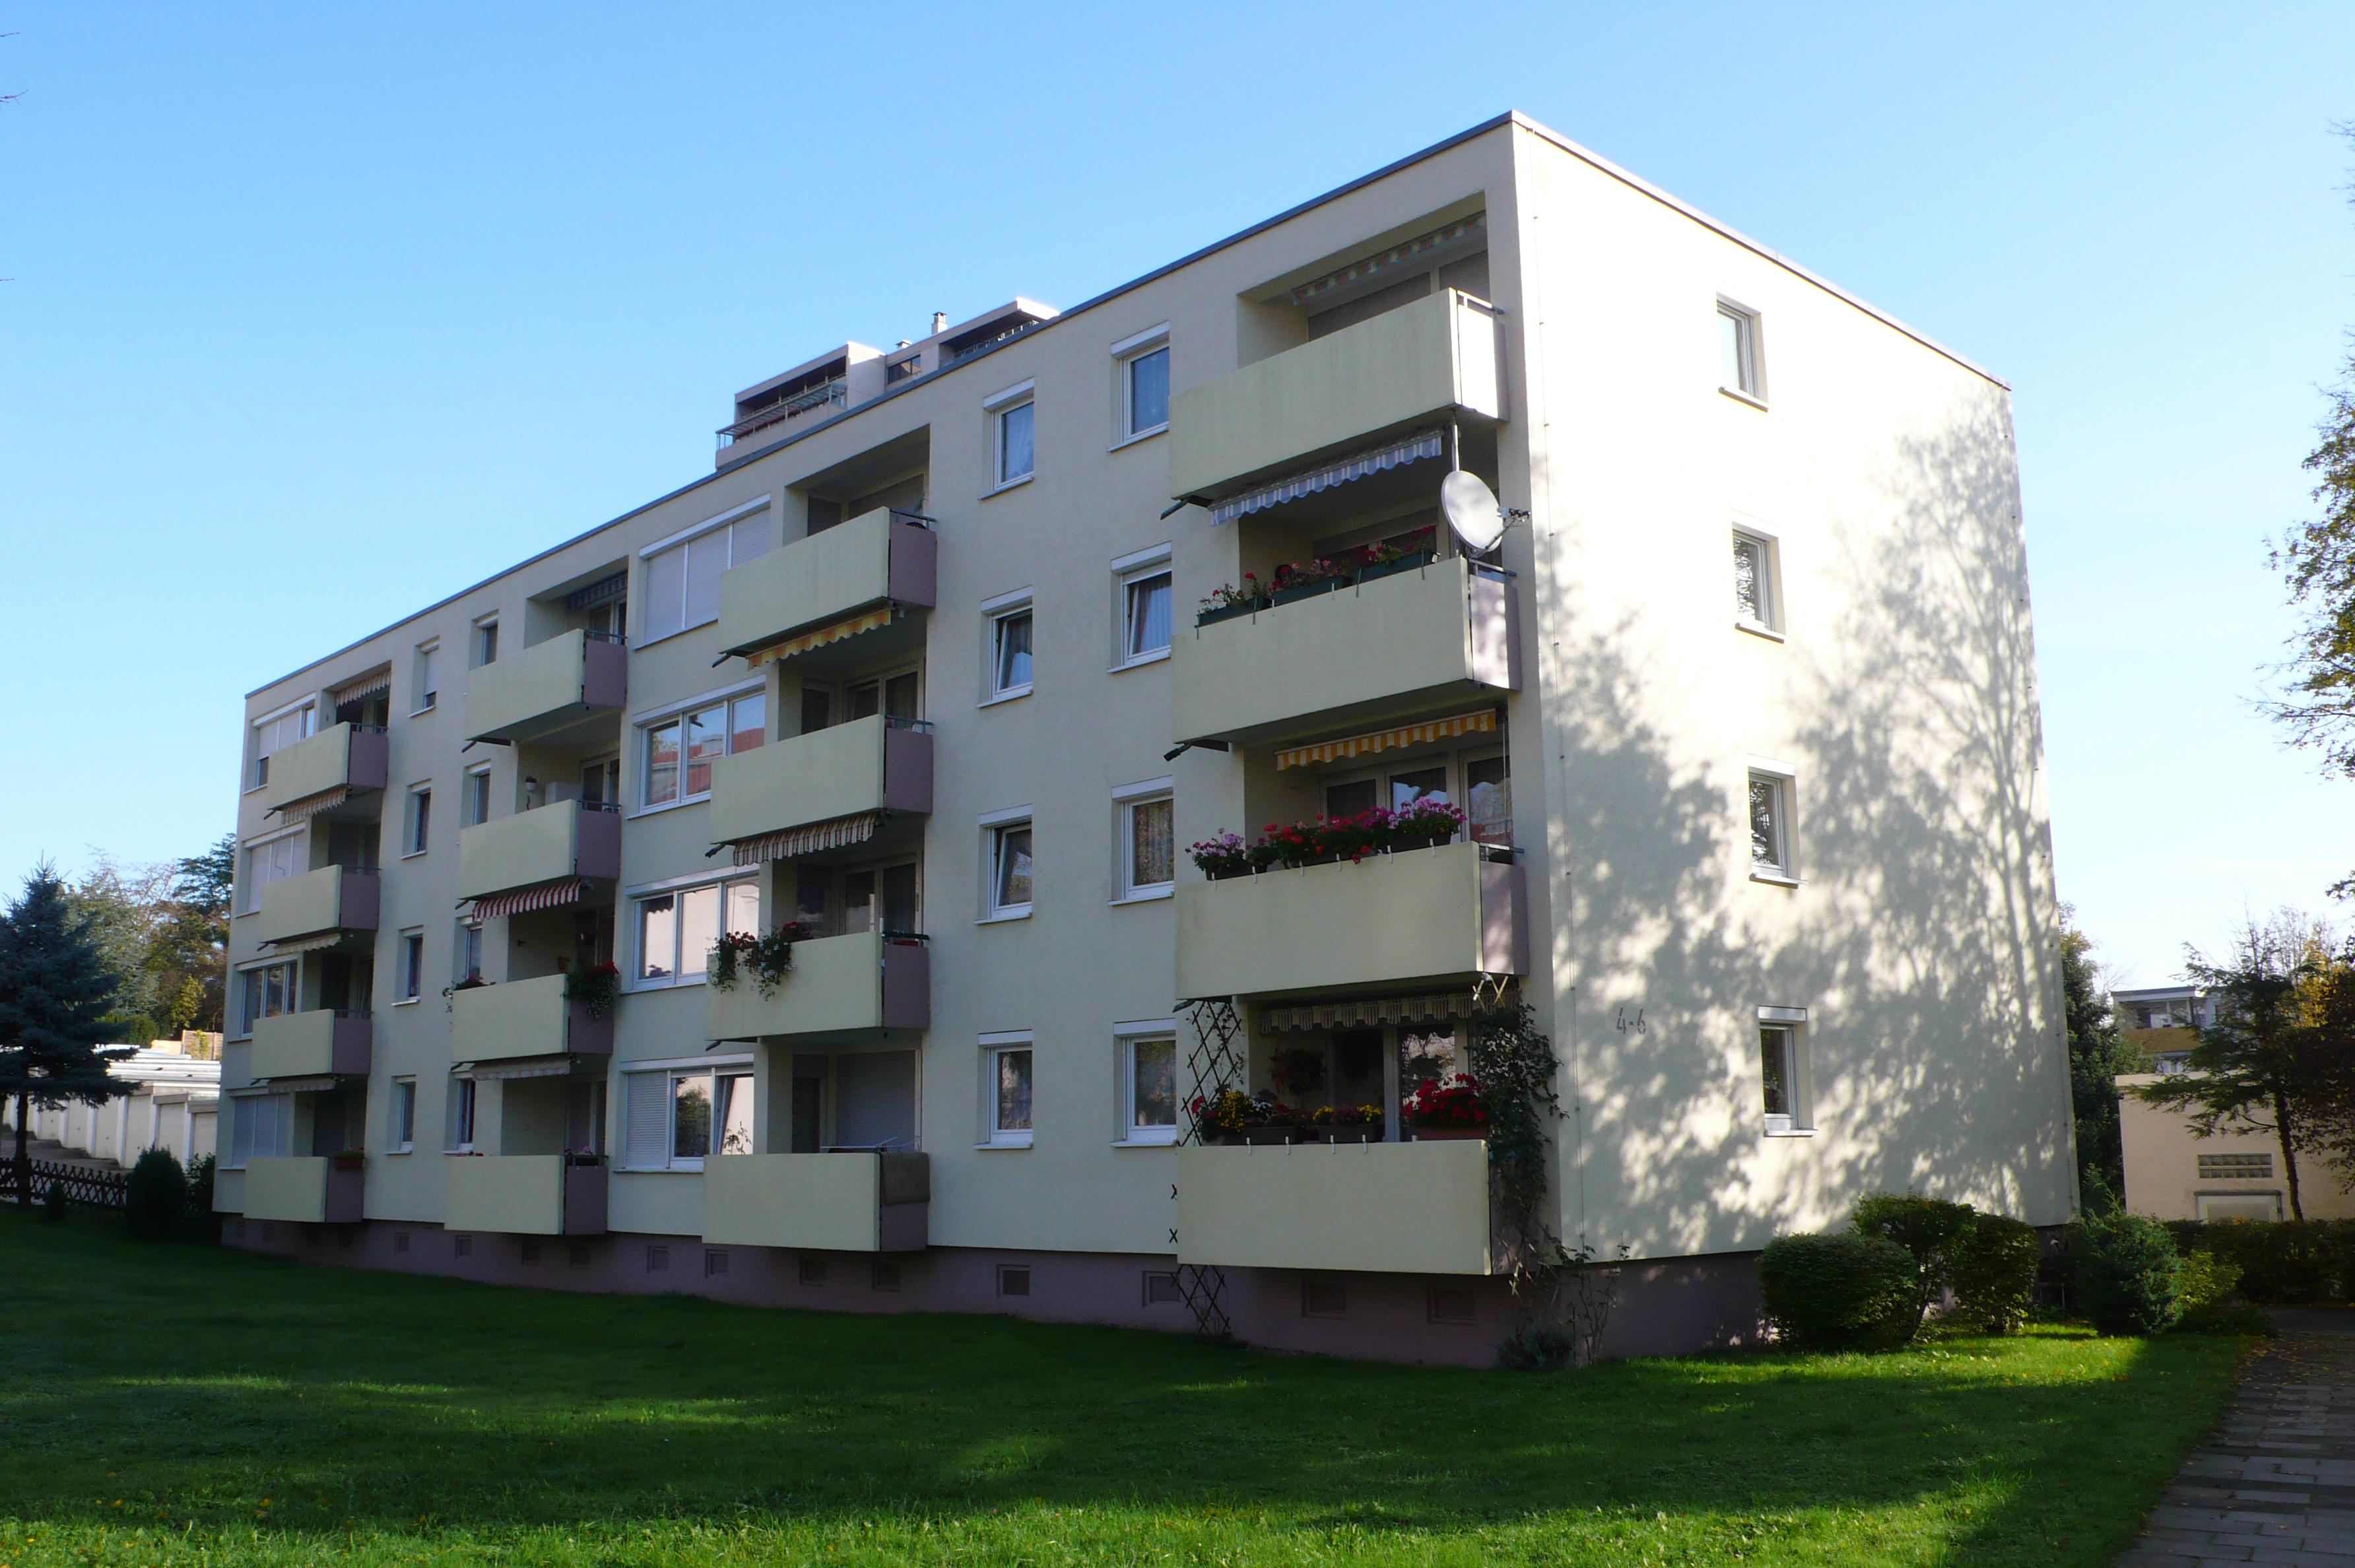 Schiefersee4 6 - Alle BGW-Häuser